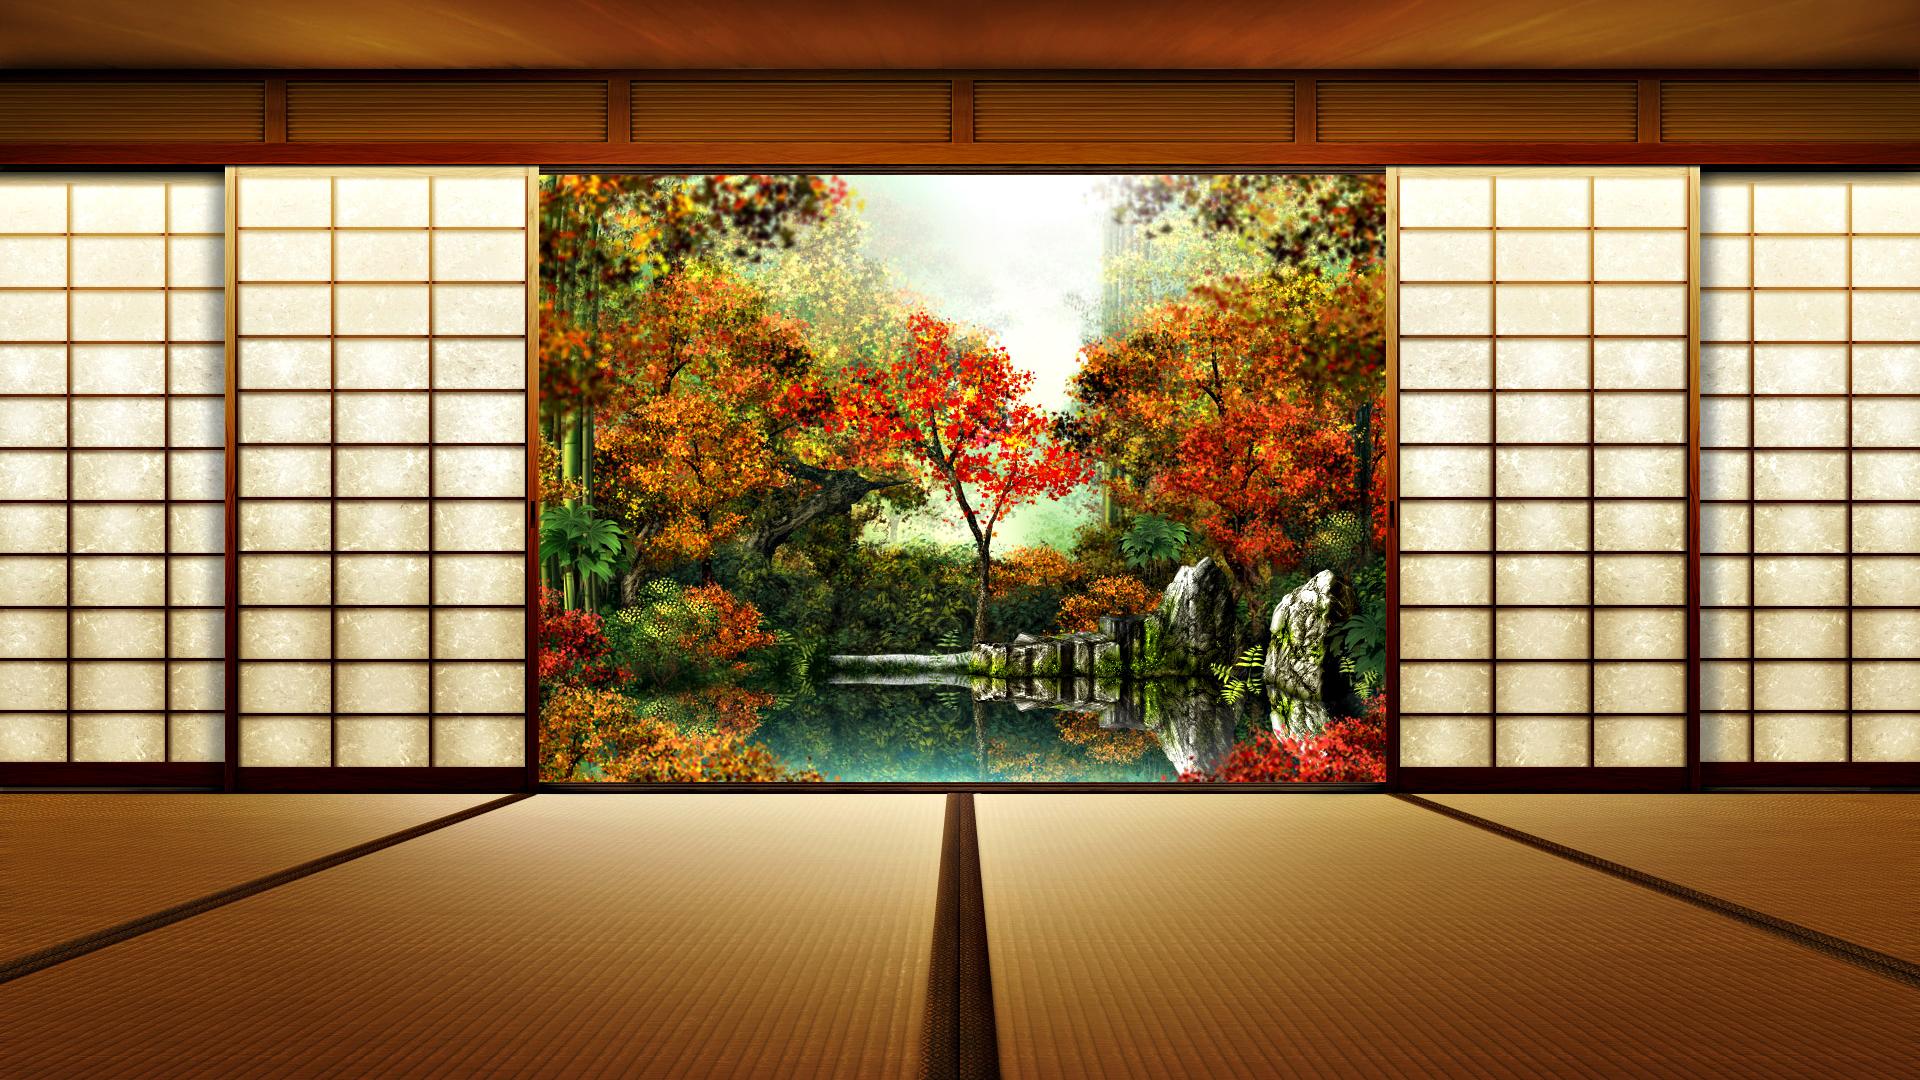 壁紙 19x1080 日本 ガーデン 秋 自然 ダウンロード 写真